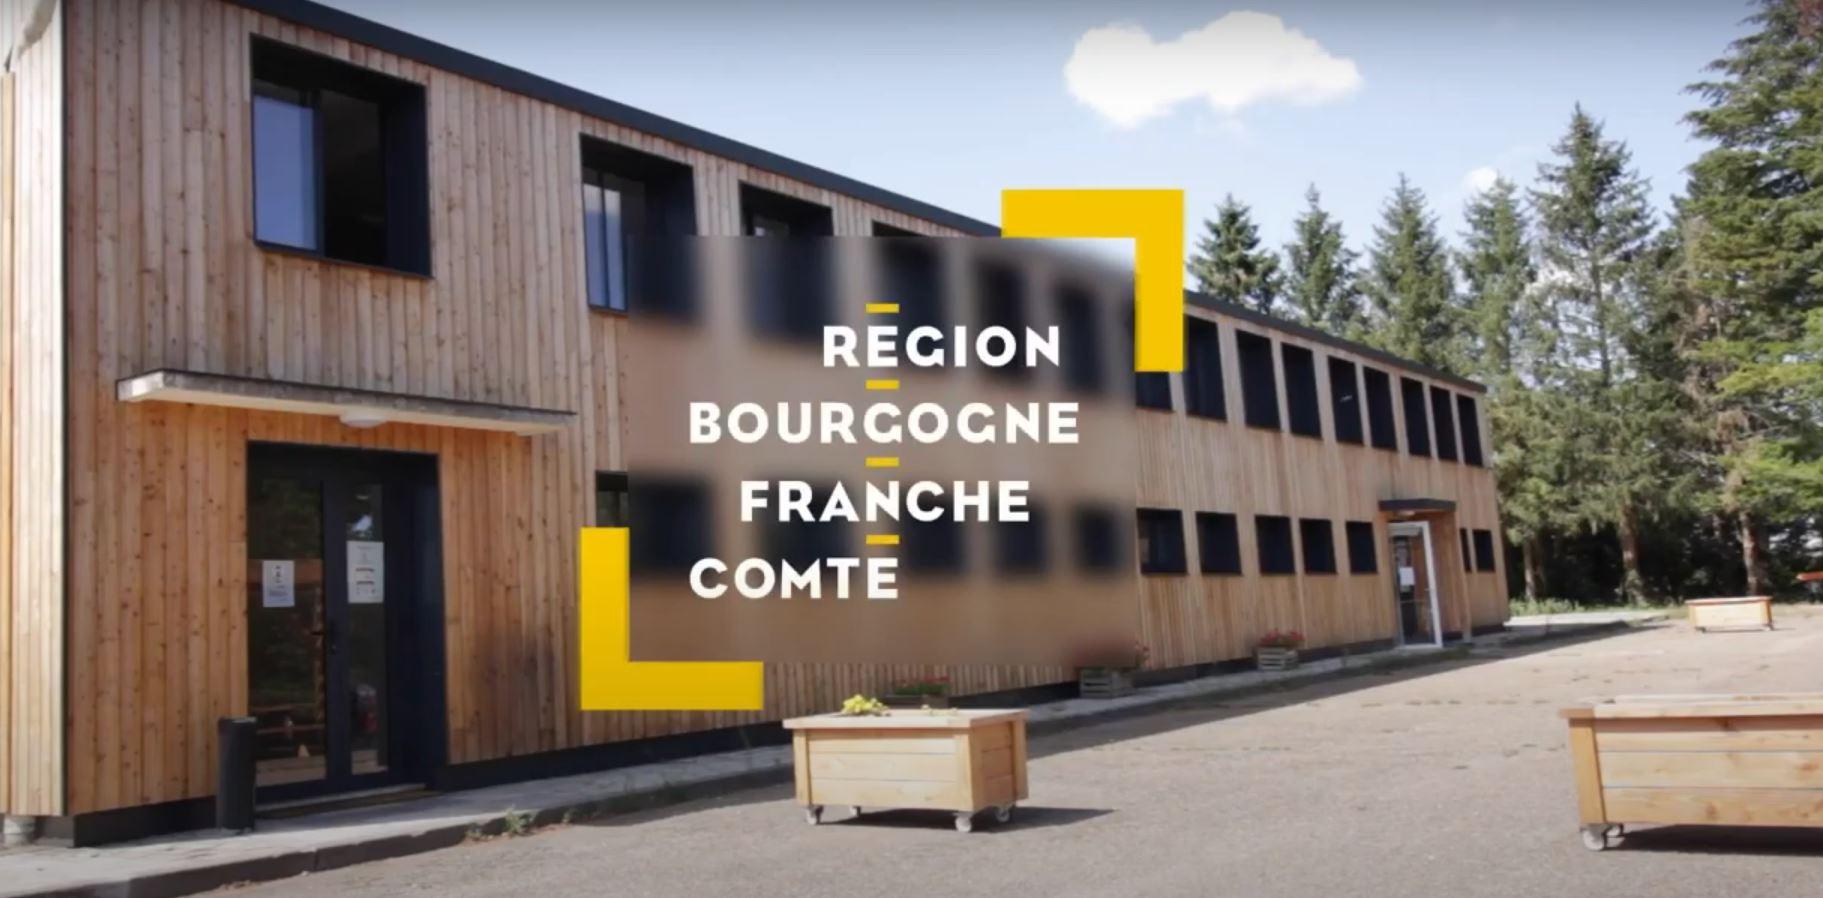 Bureaux à Bazarnes en Bourgogne Franche Comté